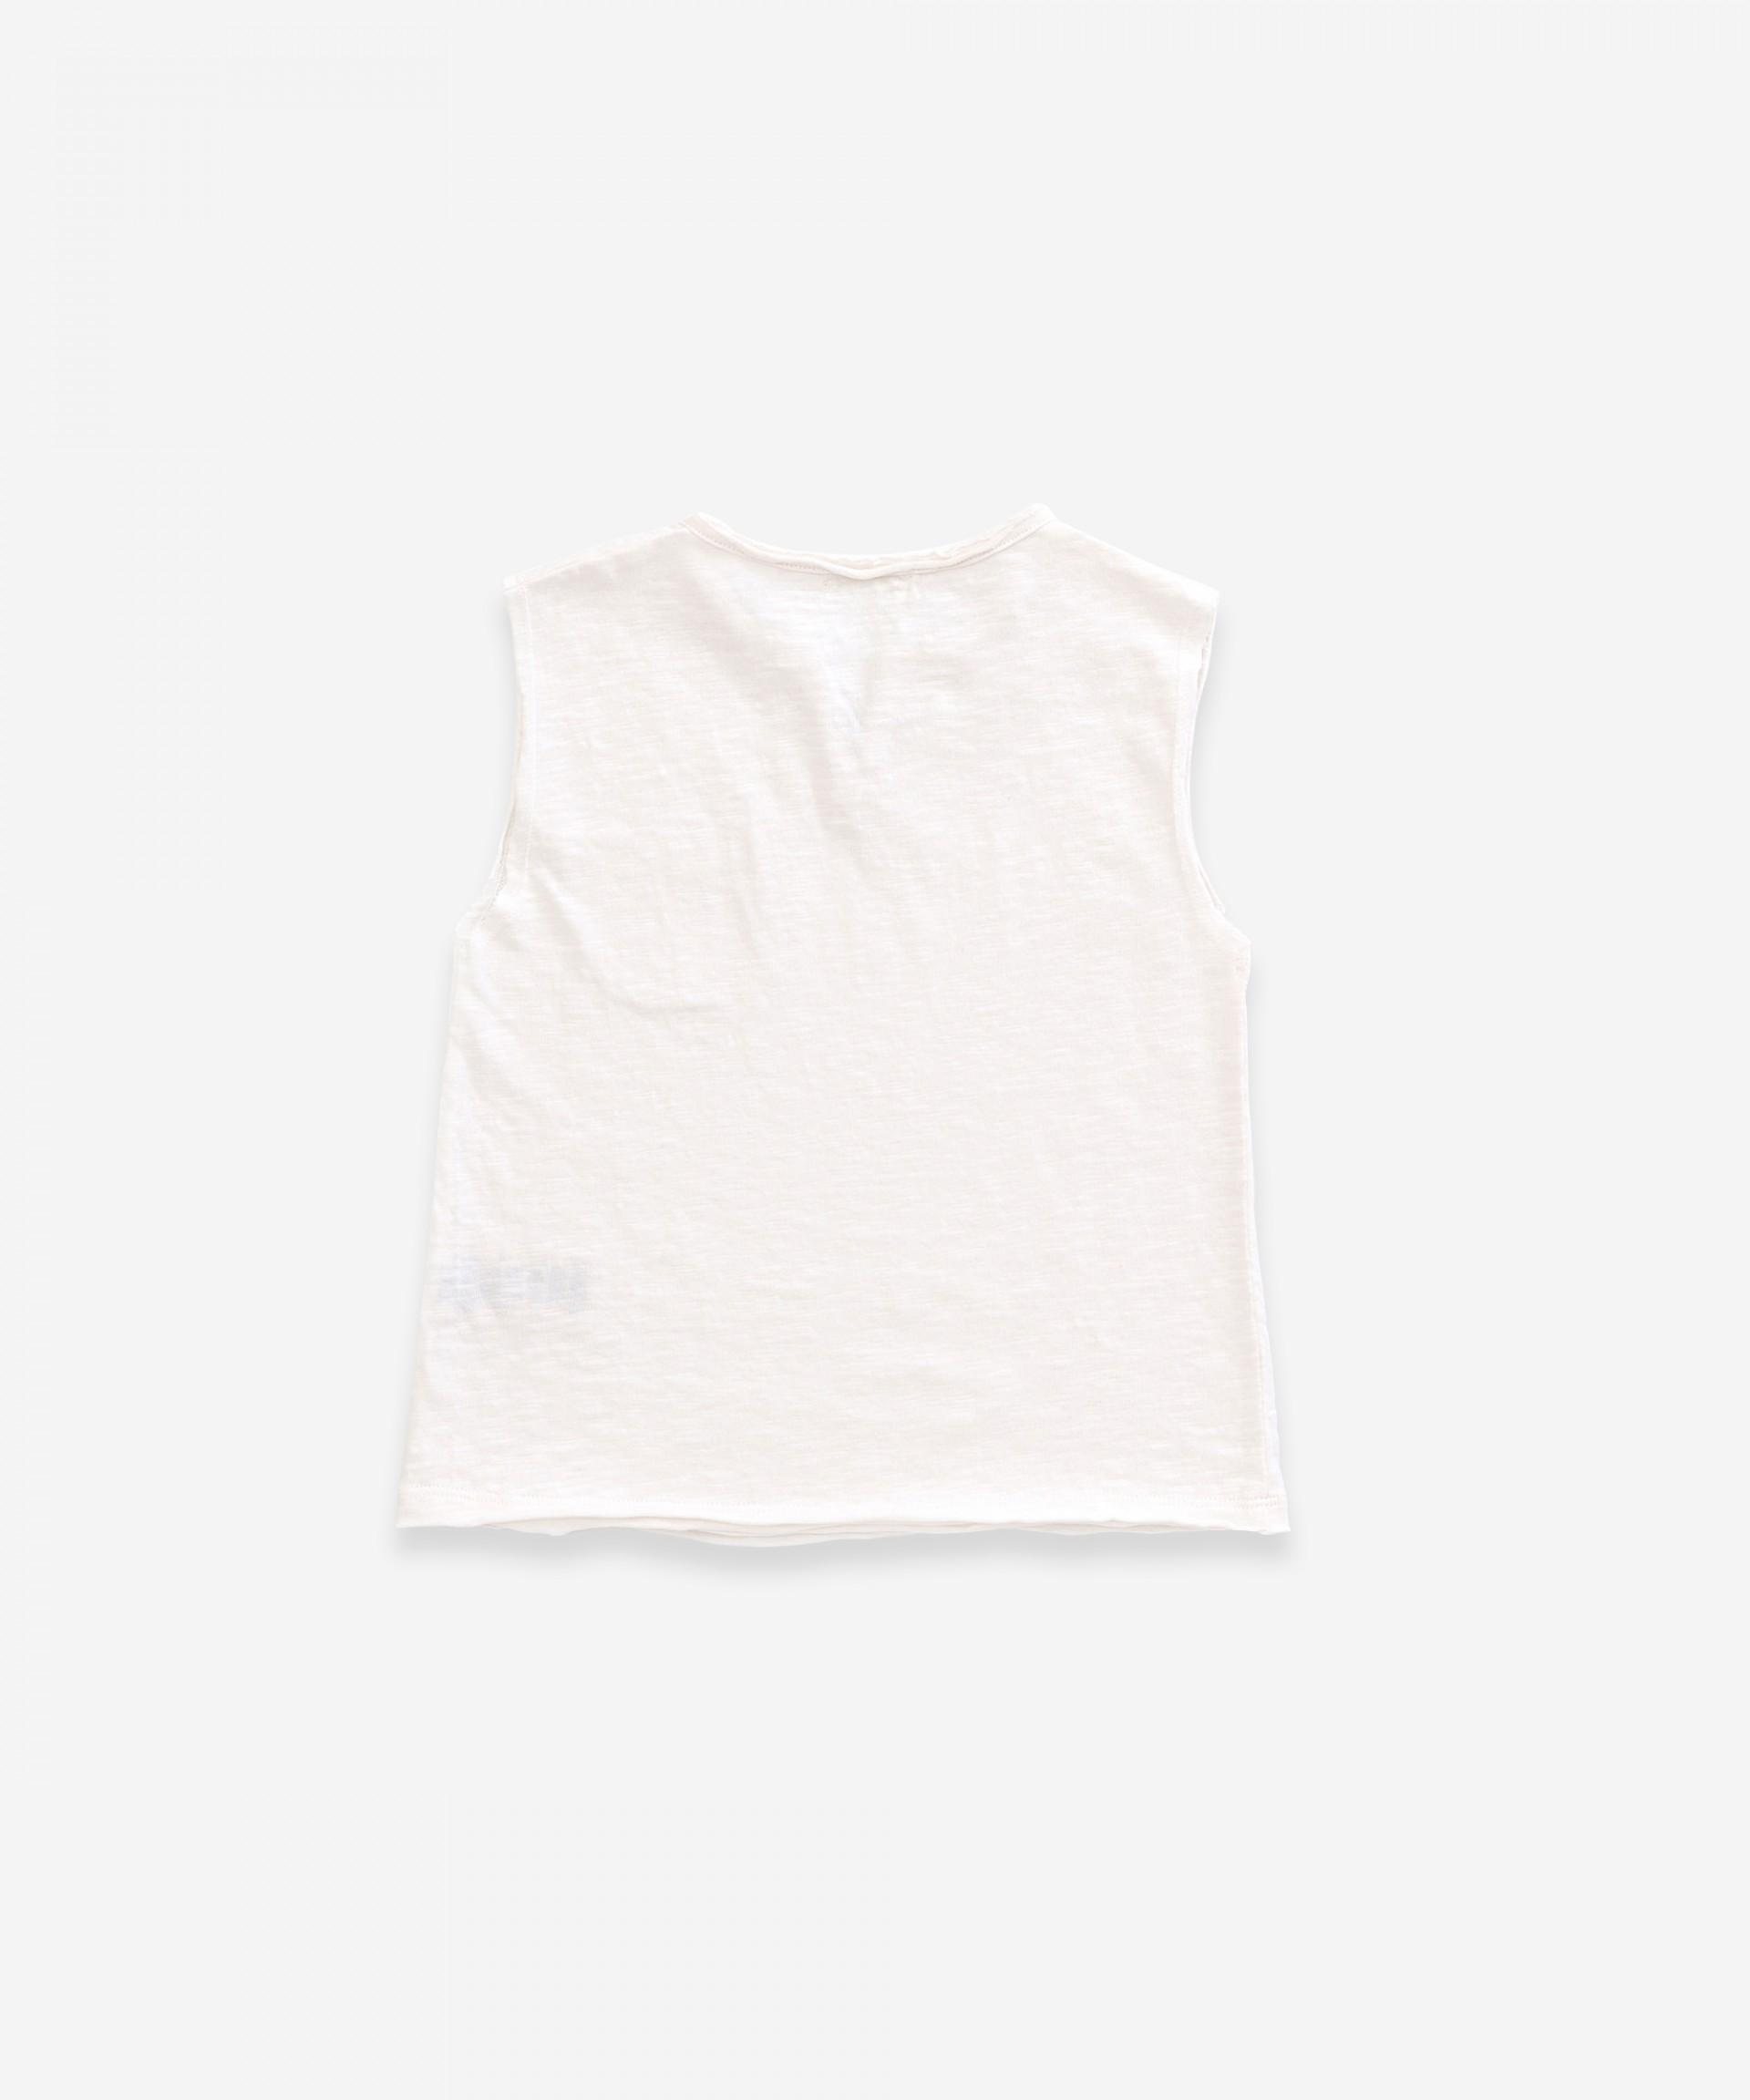 T-Shirt senza maniche in cotone biologico | Weaving